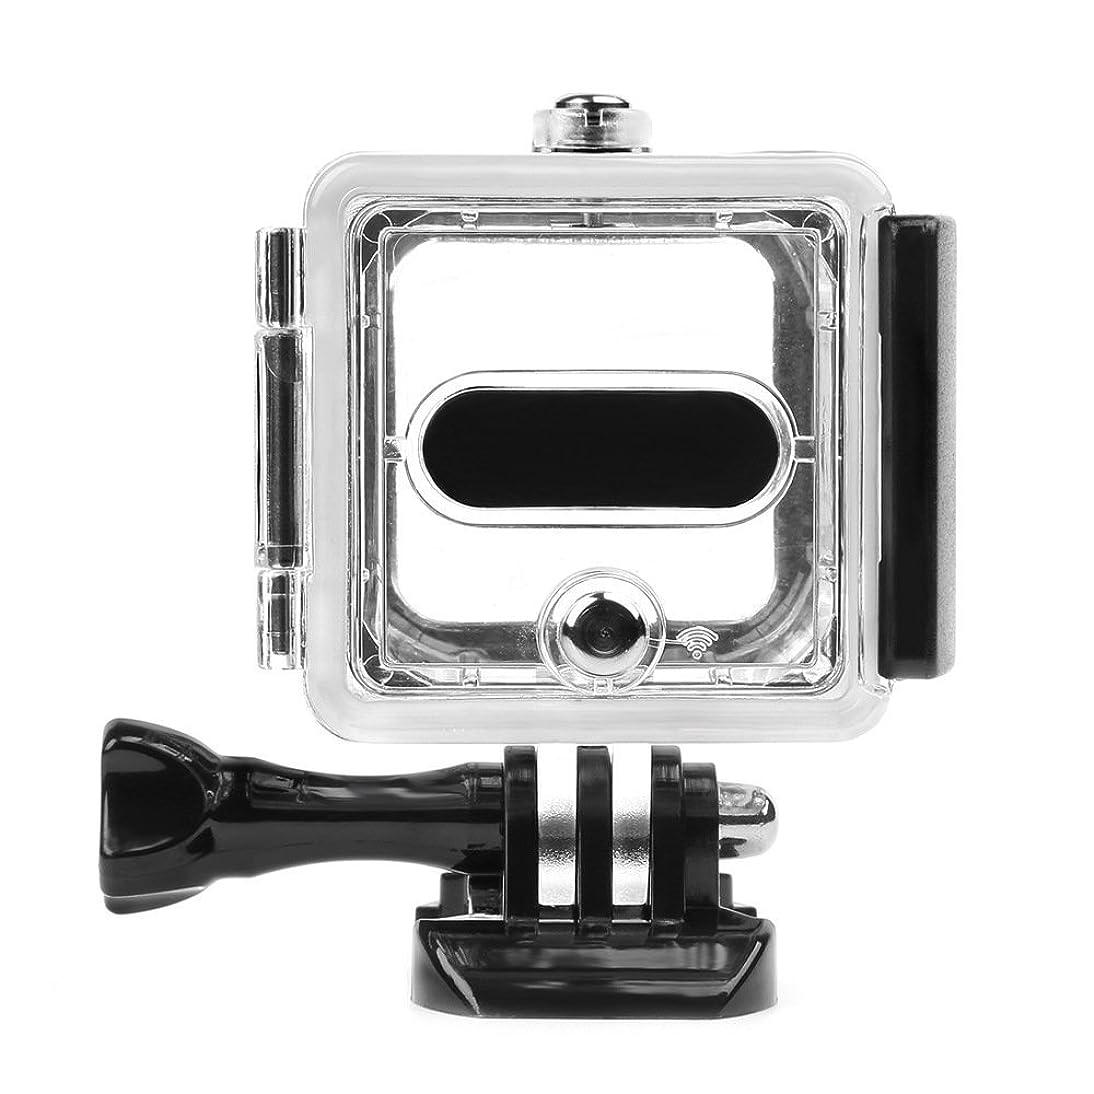 エイリアン統合するどんよりしたウォーターウルフ UW 1.1 HD 120m防水 水中カメラ フィッシングカメラ ブラック 釣り用カメラ Water Wolf